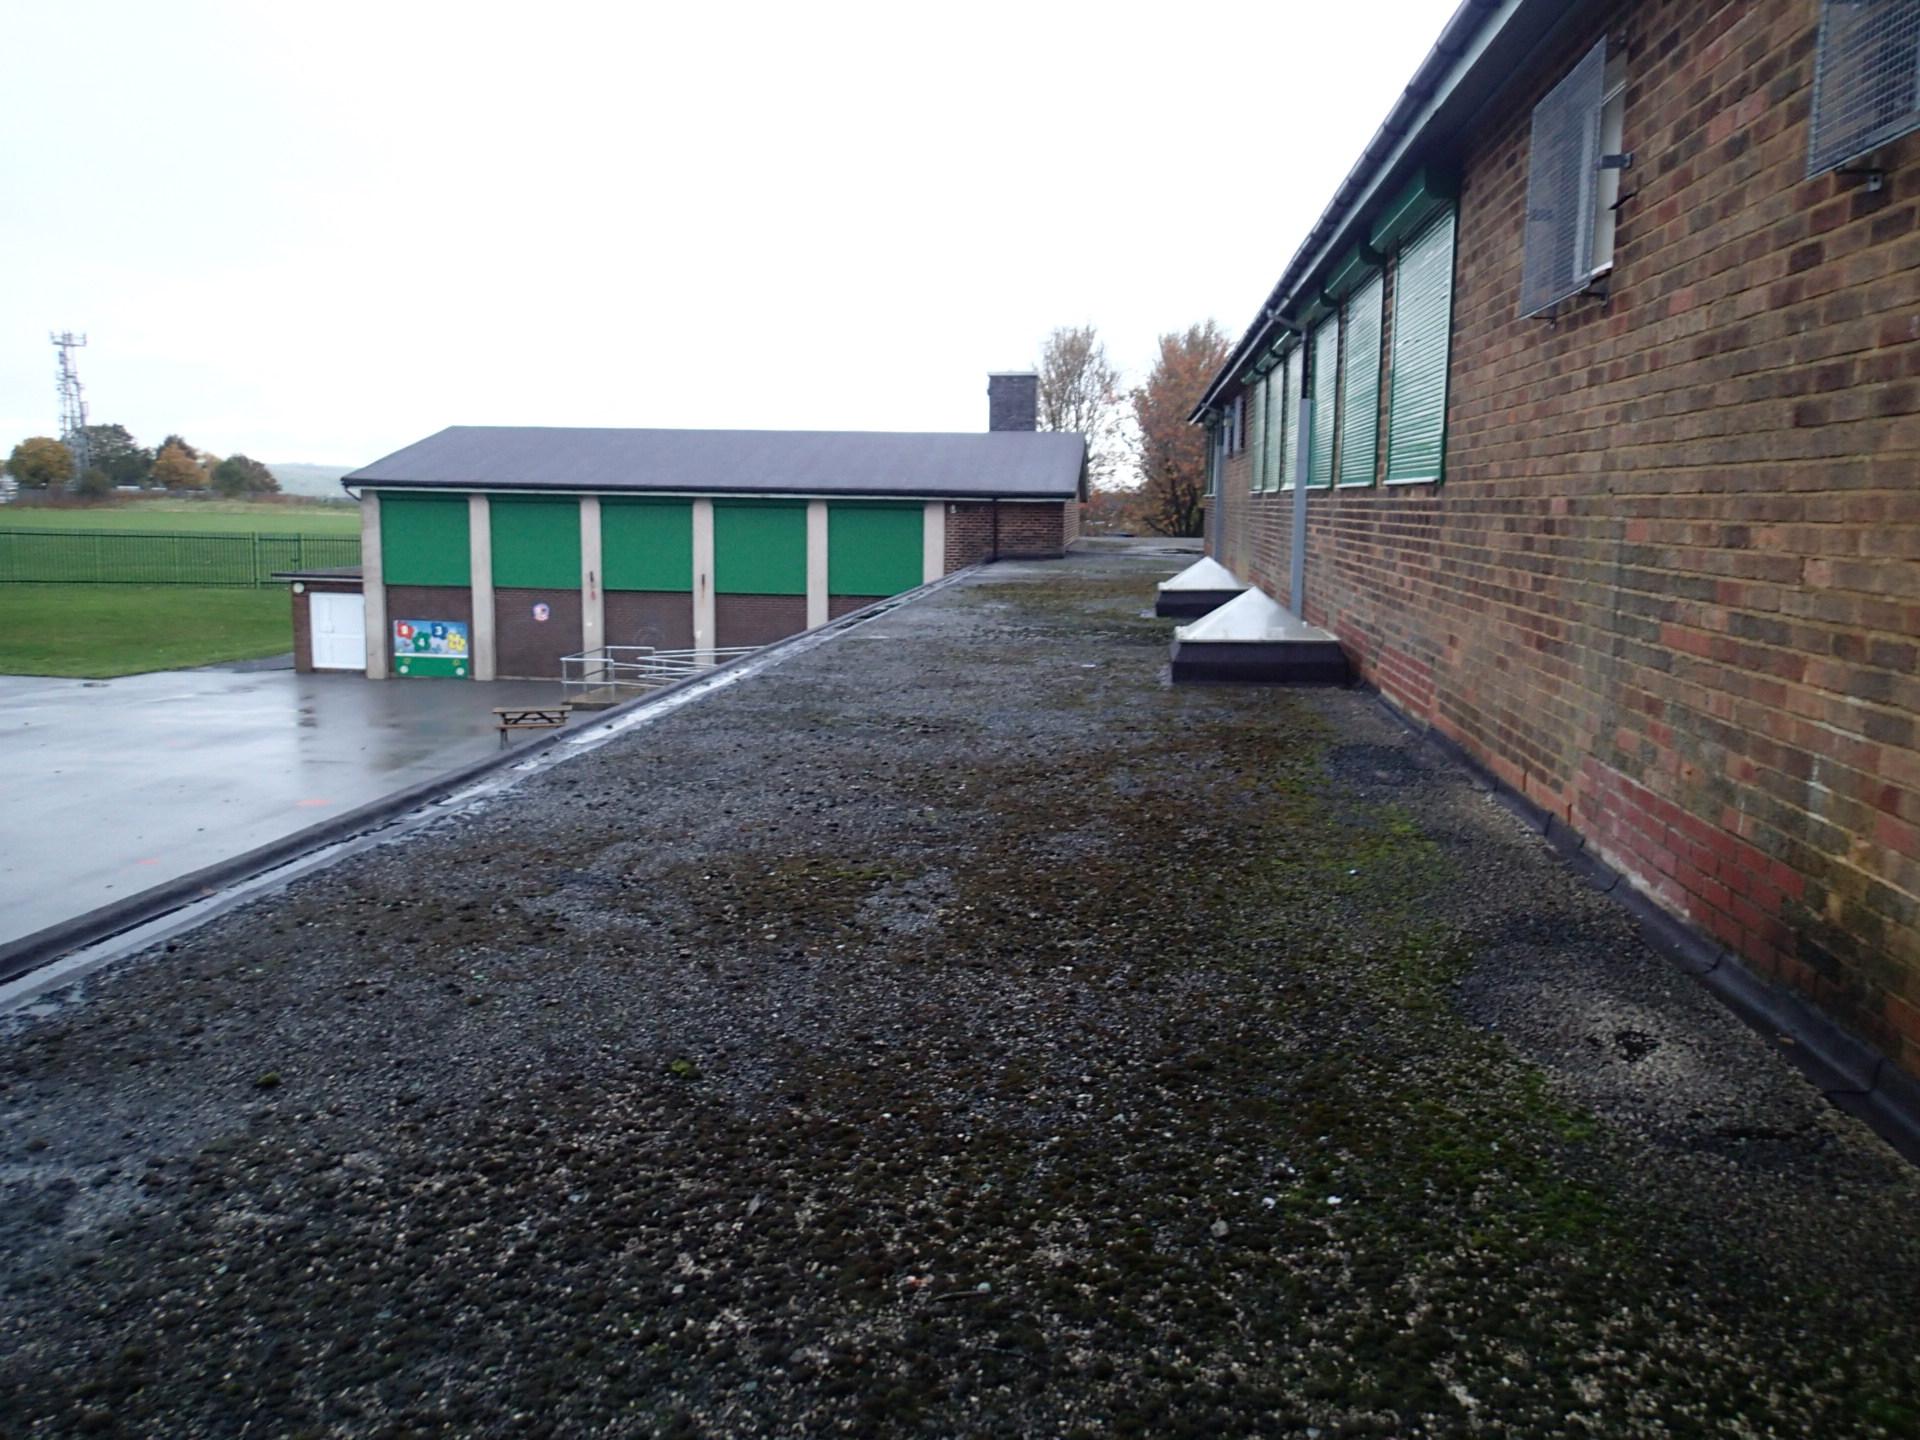 St Anthony's RC Primary School